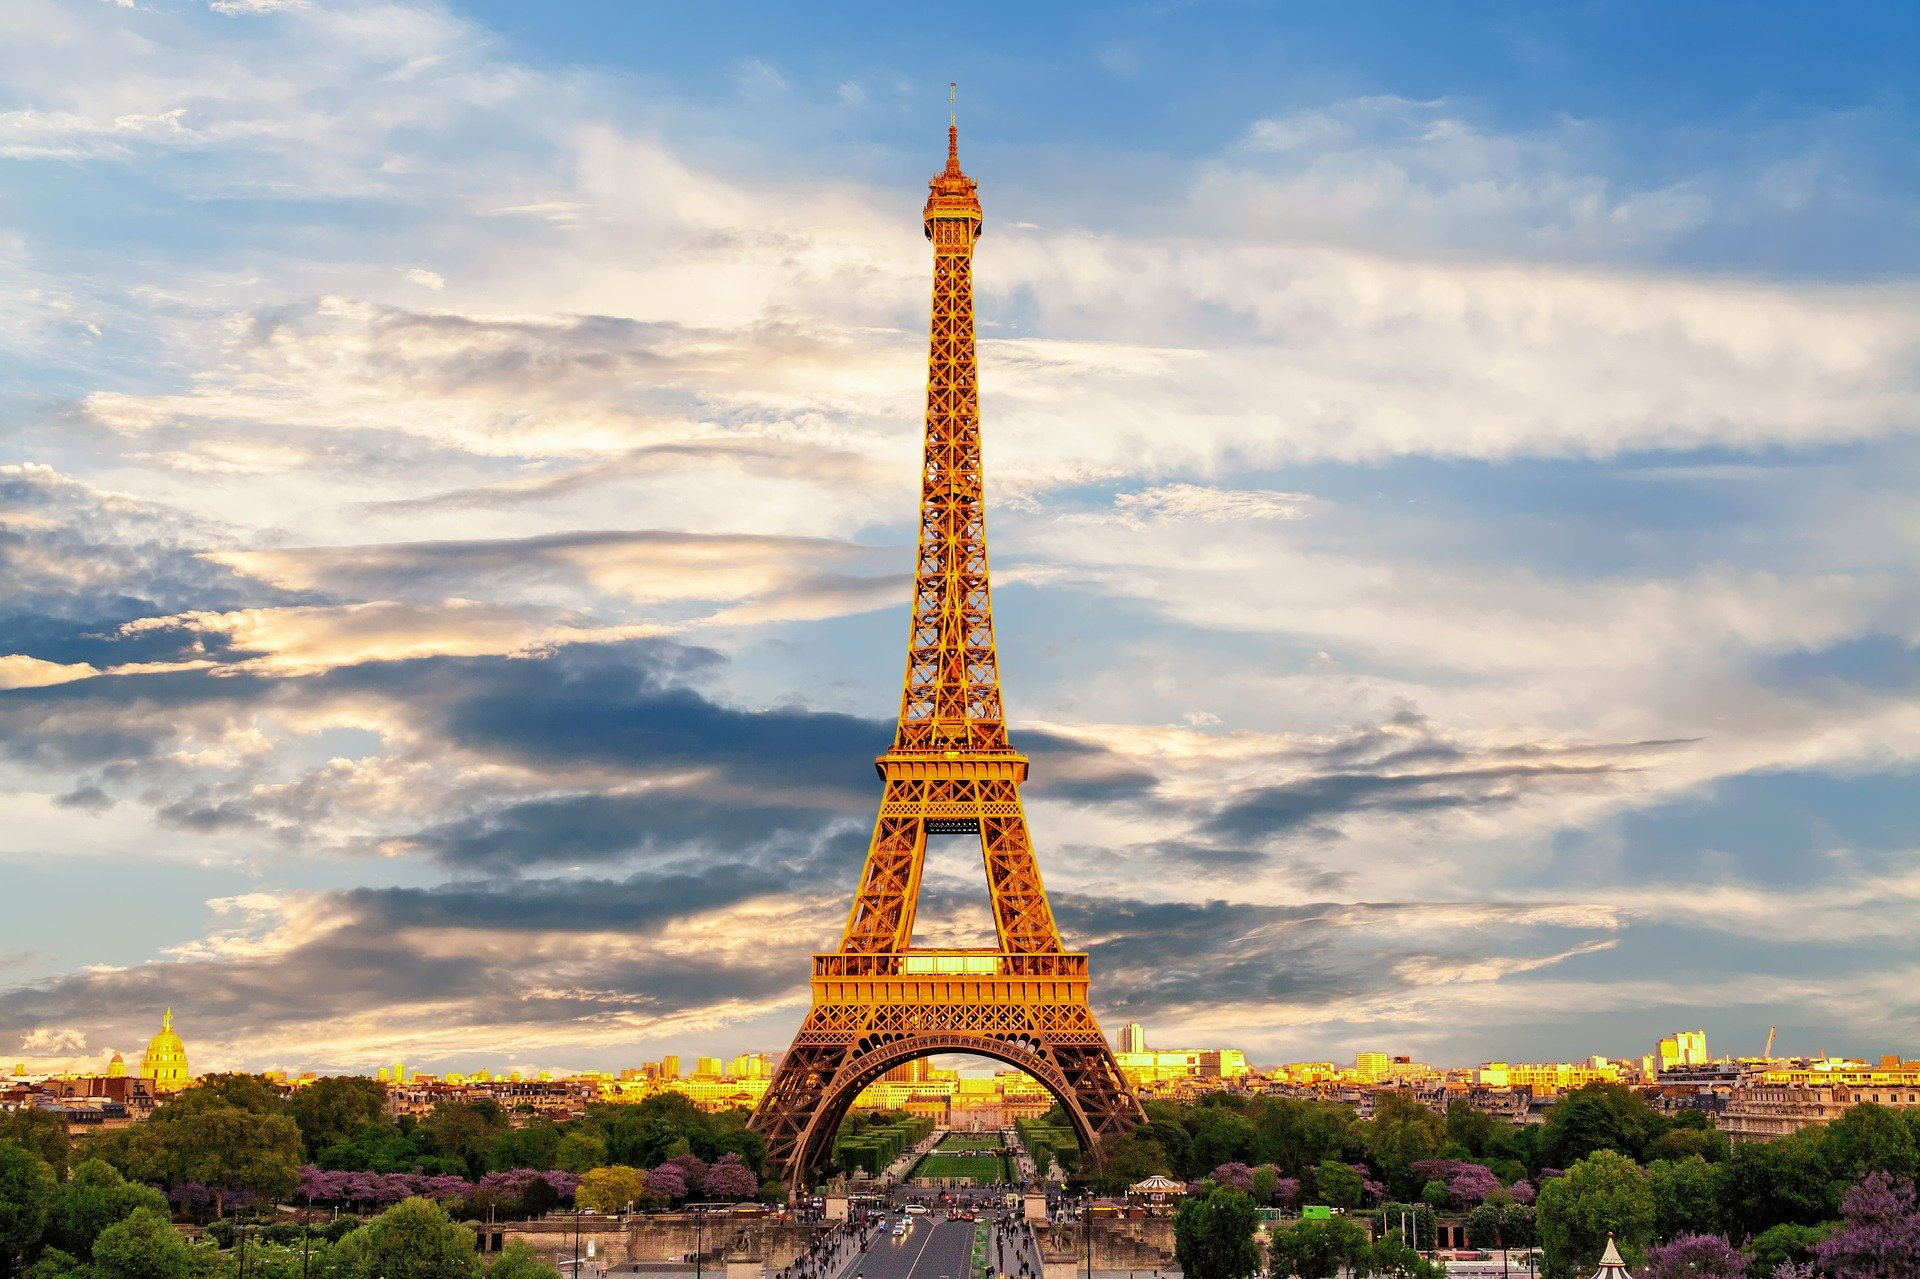 おすすめ関連情報 パリ行き格安航空券 成田パリ 関空パリ 名古屋パリ 旅TIME